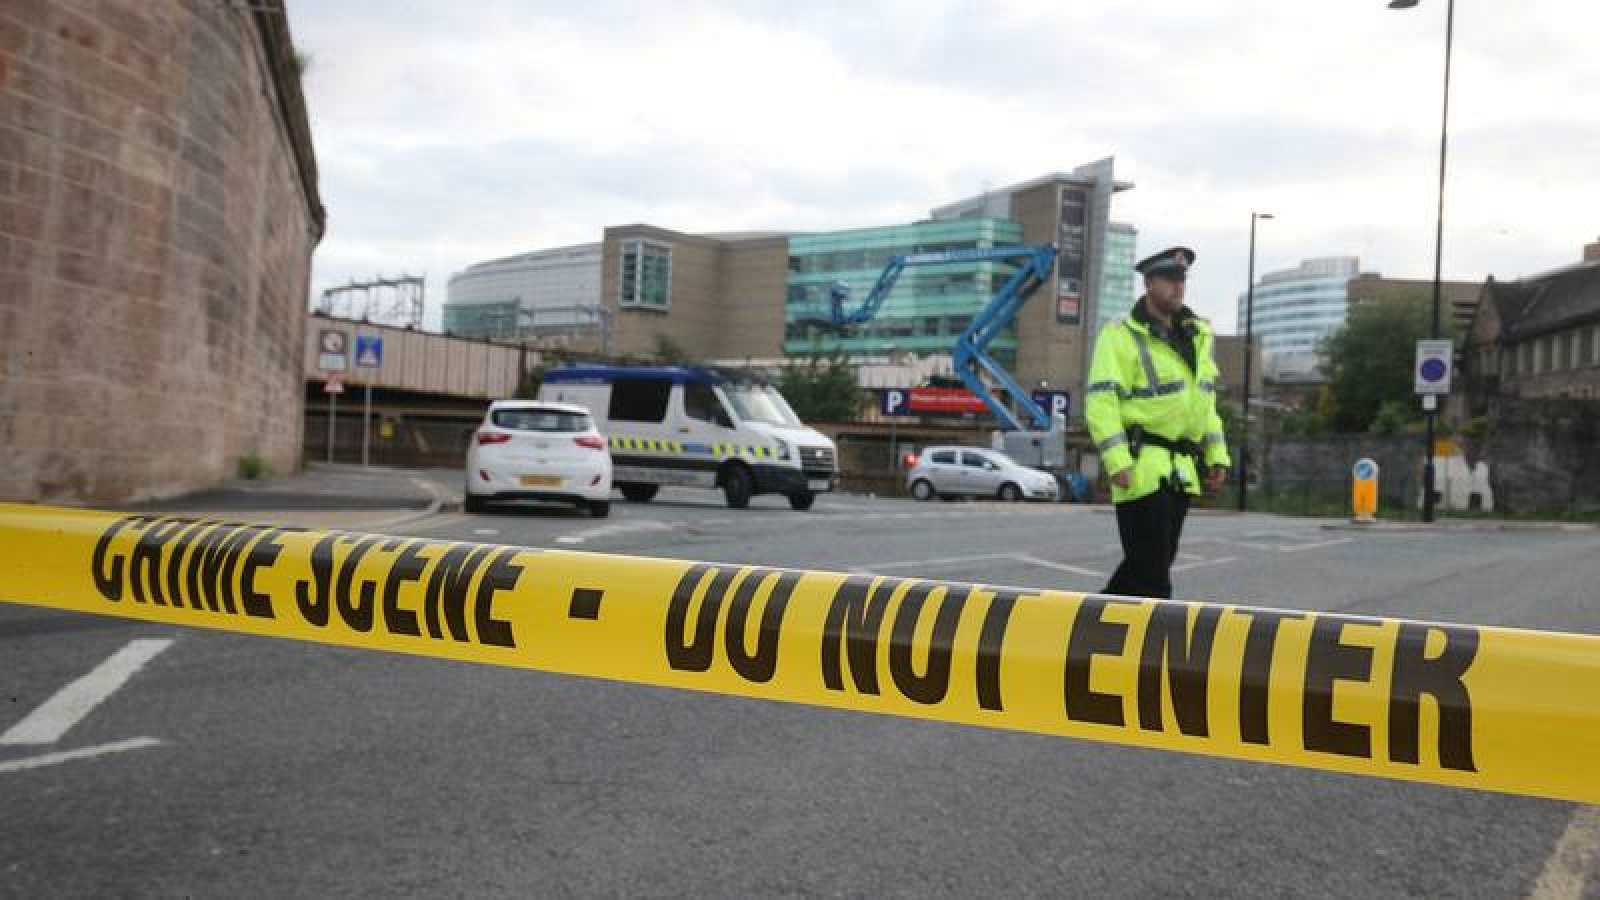 Un atentado en Manchester causa 22 muertos y más de 50 heridos